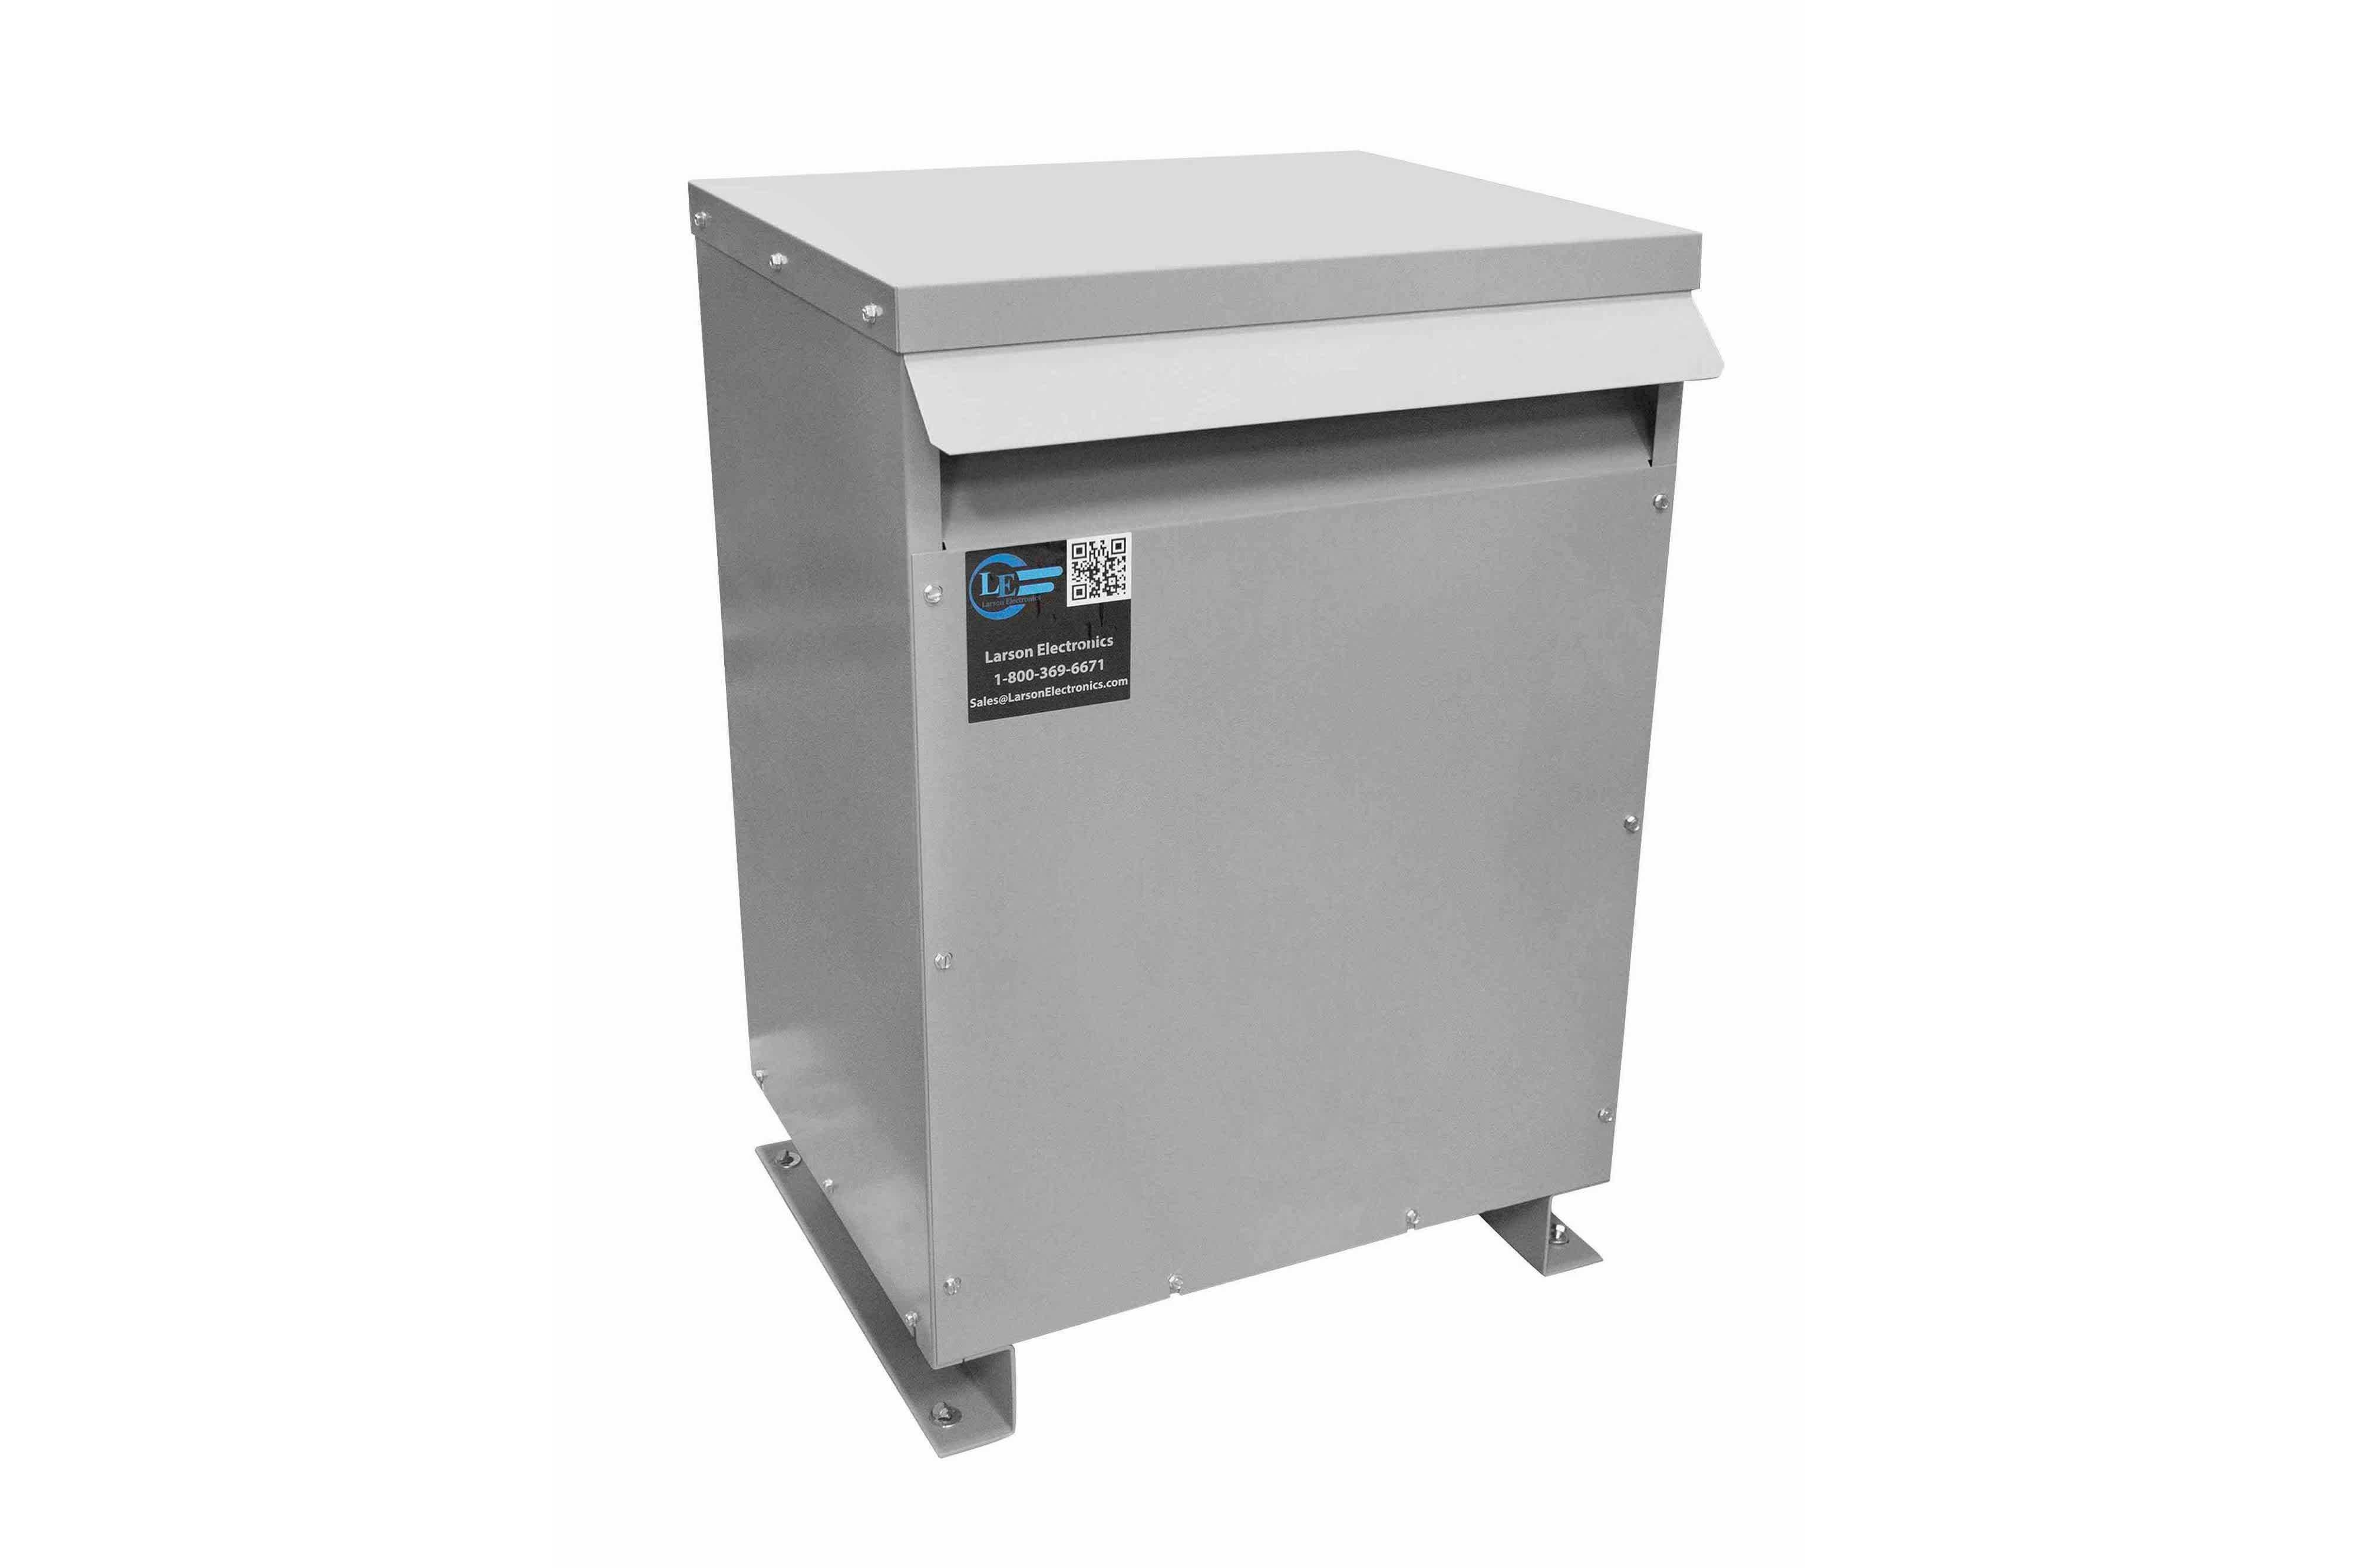 60 kVA 3PH DOE Transformer, 208V Delta Primary, 240V/120 Delta Secondary, N3R, Ventilated, 60 Hz